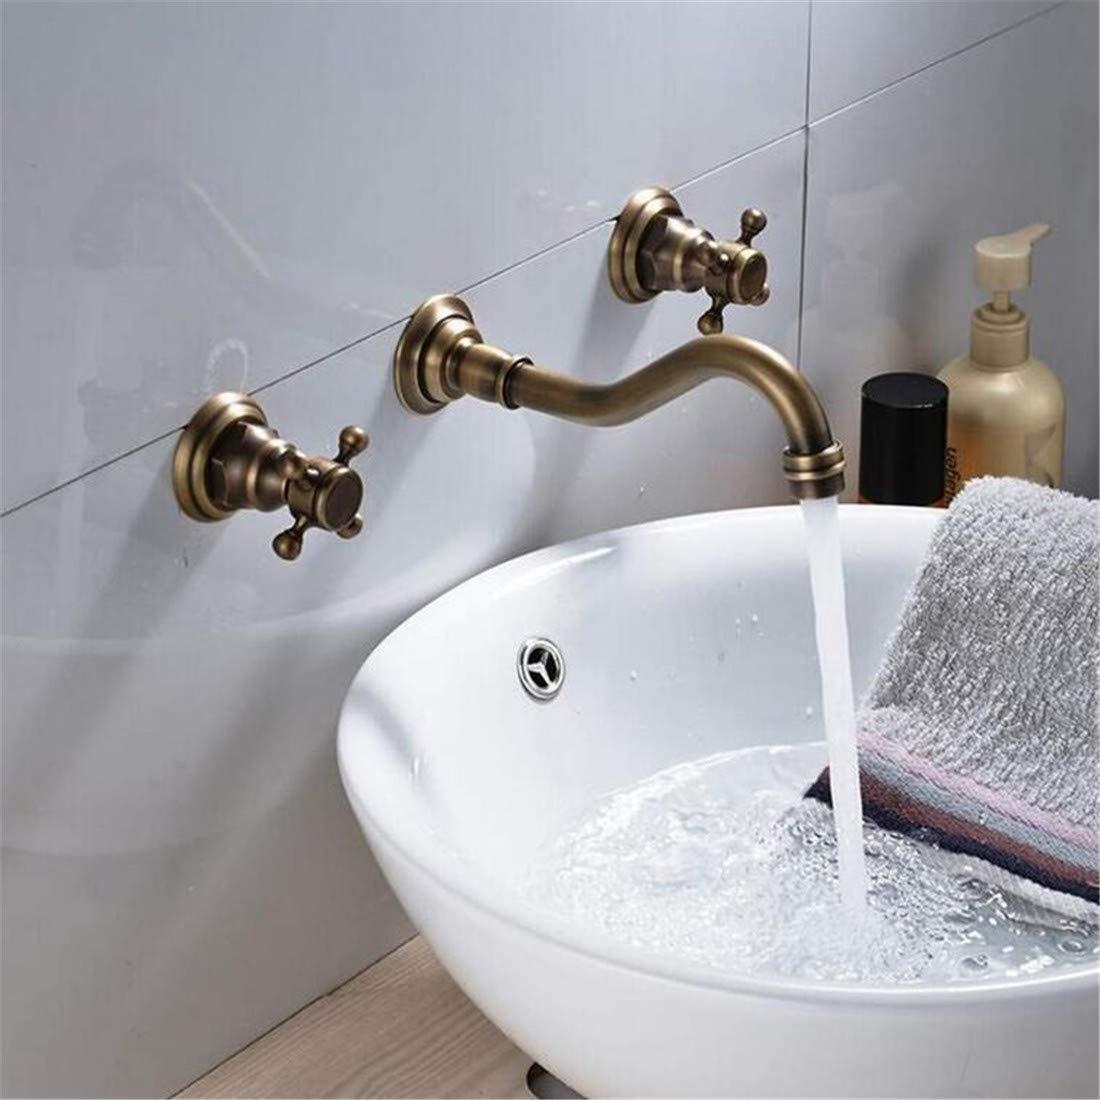 Retro Tippen Moderner Luxuskupfermischer Wasserhahn Dual Griffe Retro Wandmontage Für Kalt- Und Warmwasserhahn